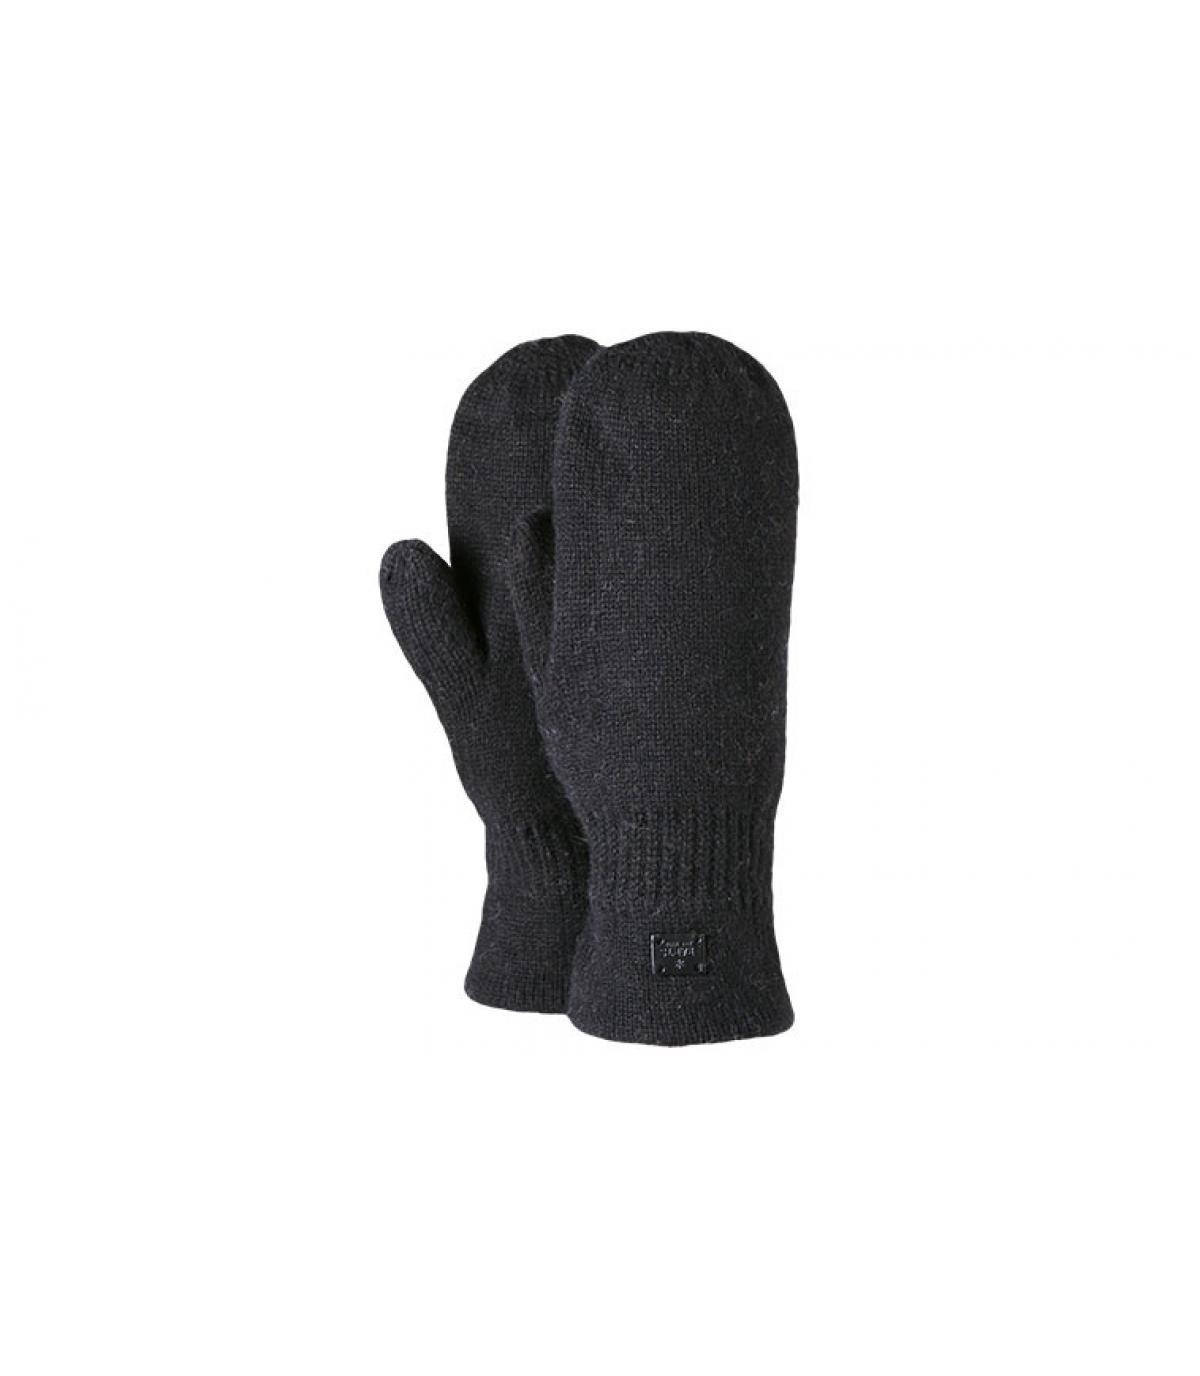 Black alisha mitts